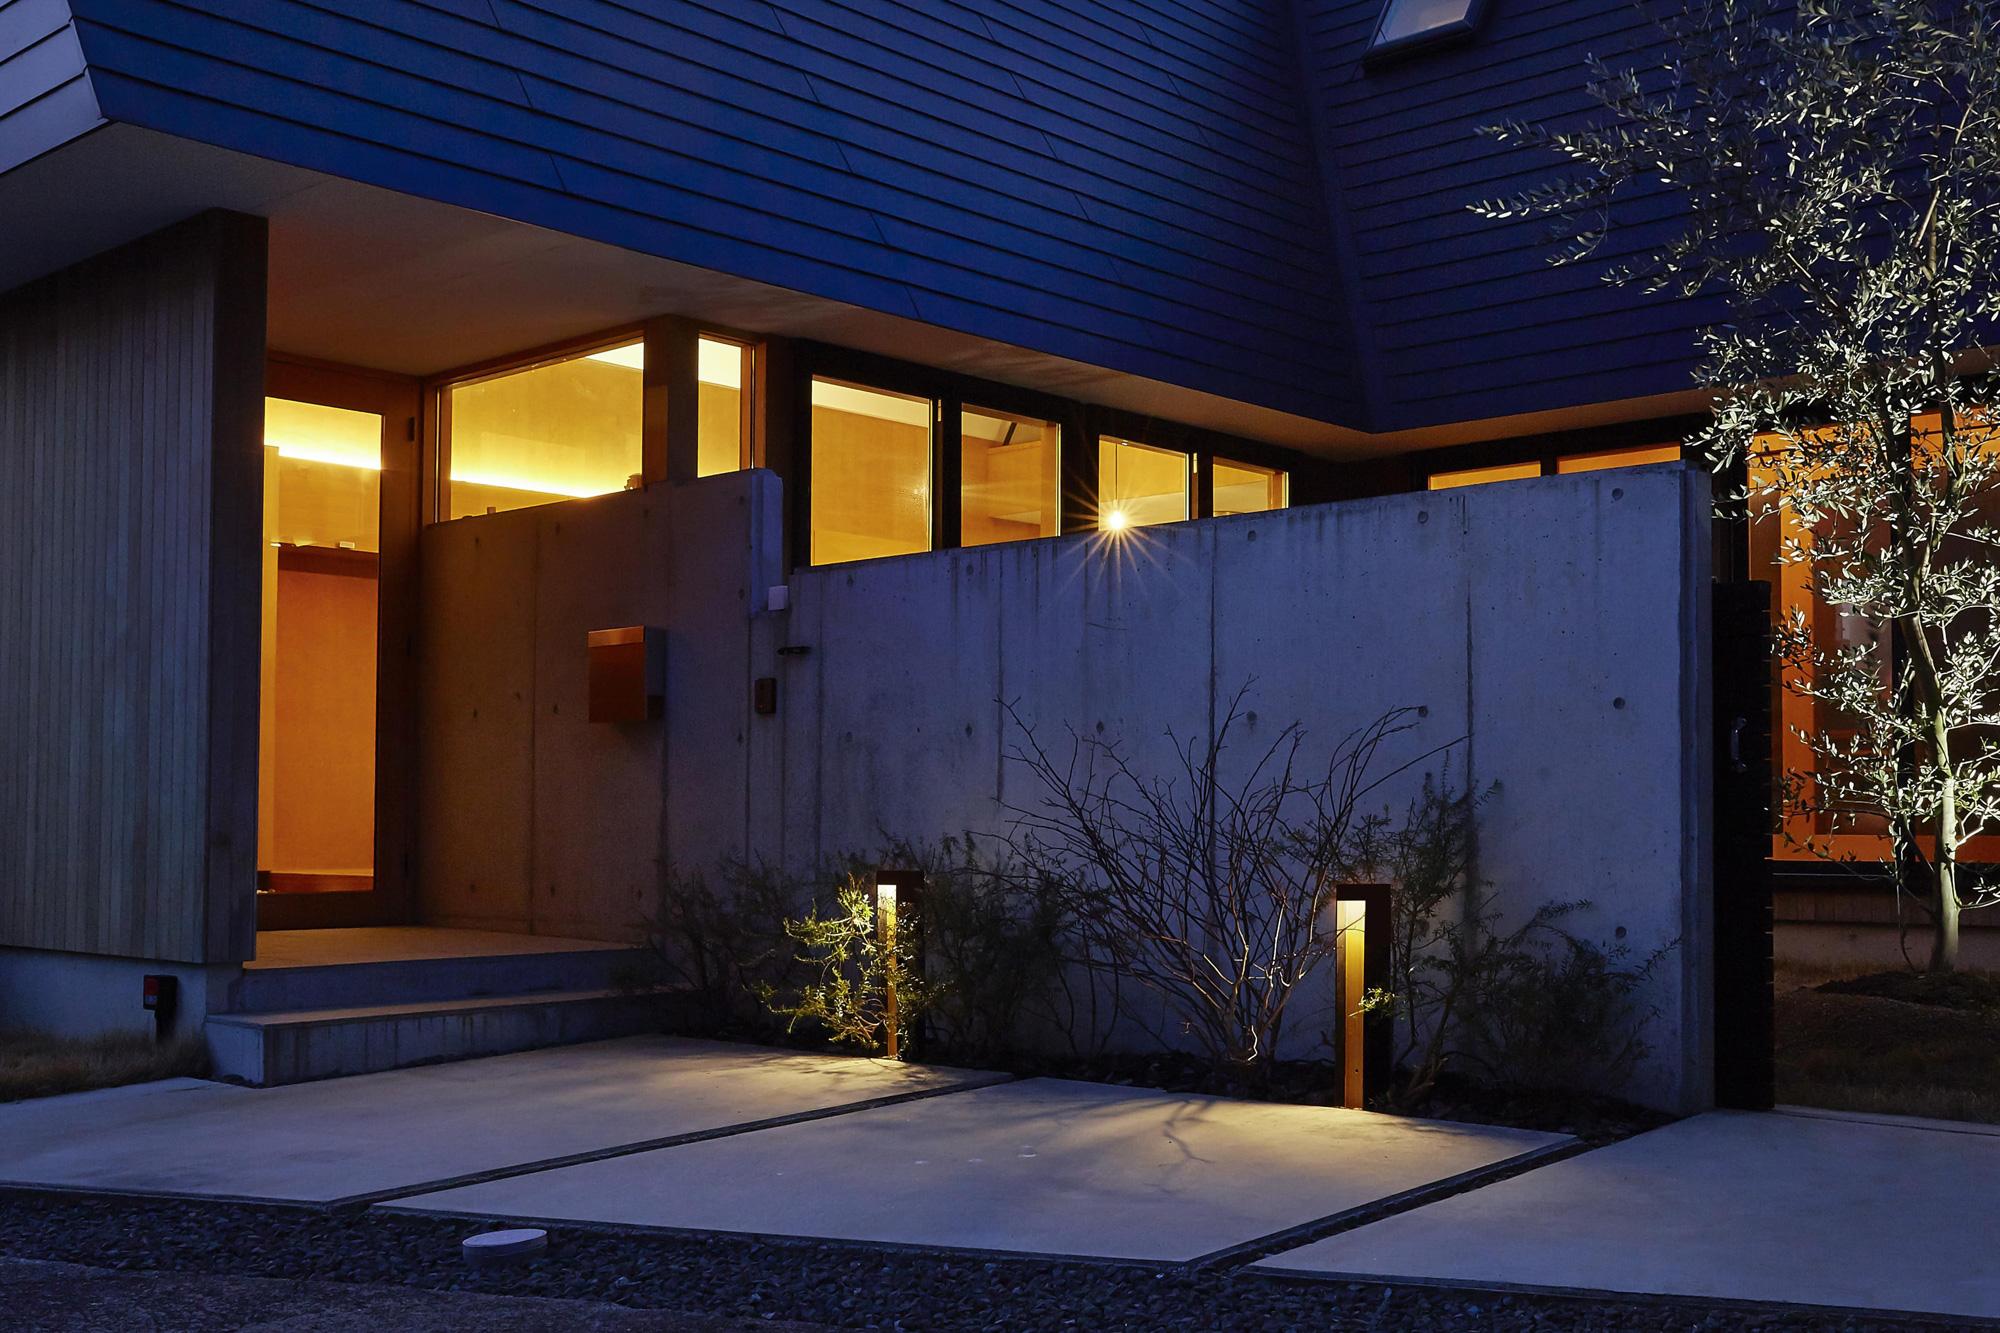 住宅の景観に合わせた色柄のエバーアートポールライト7型を取り入れた例